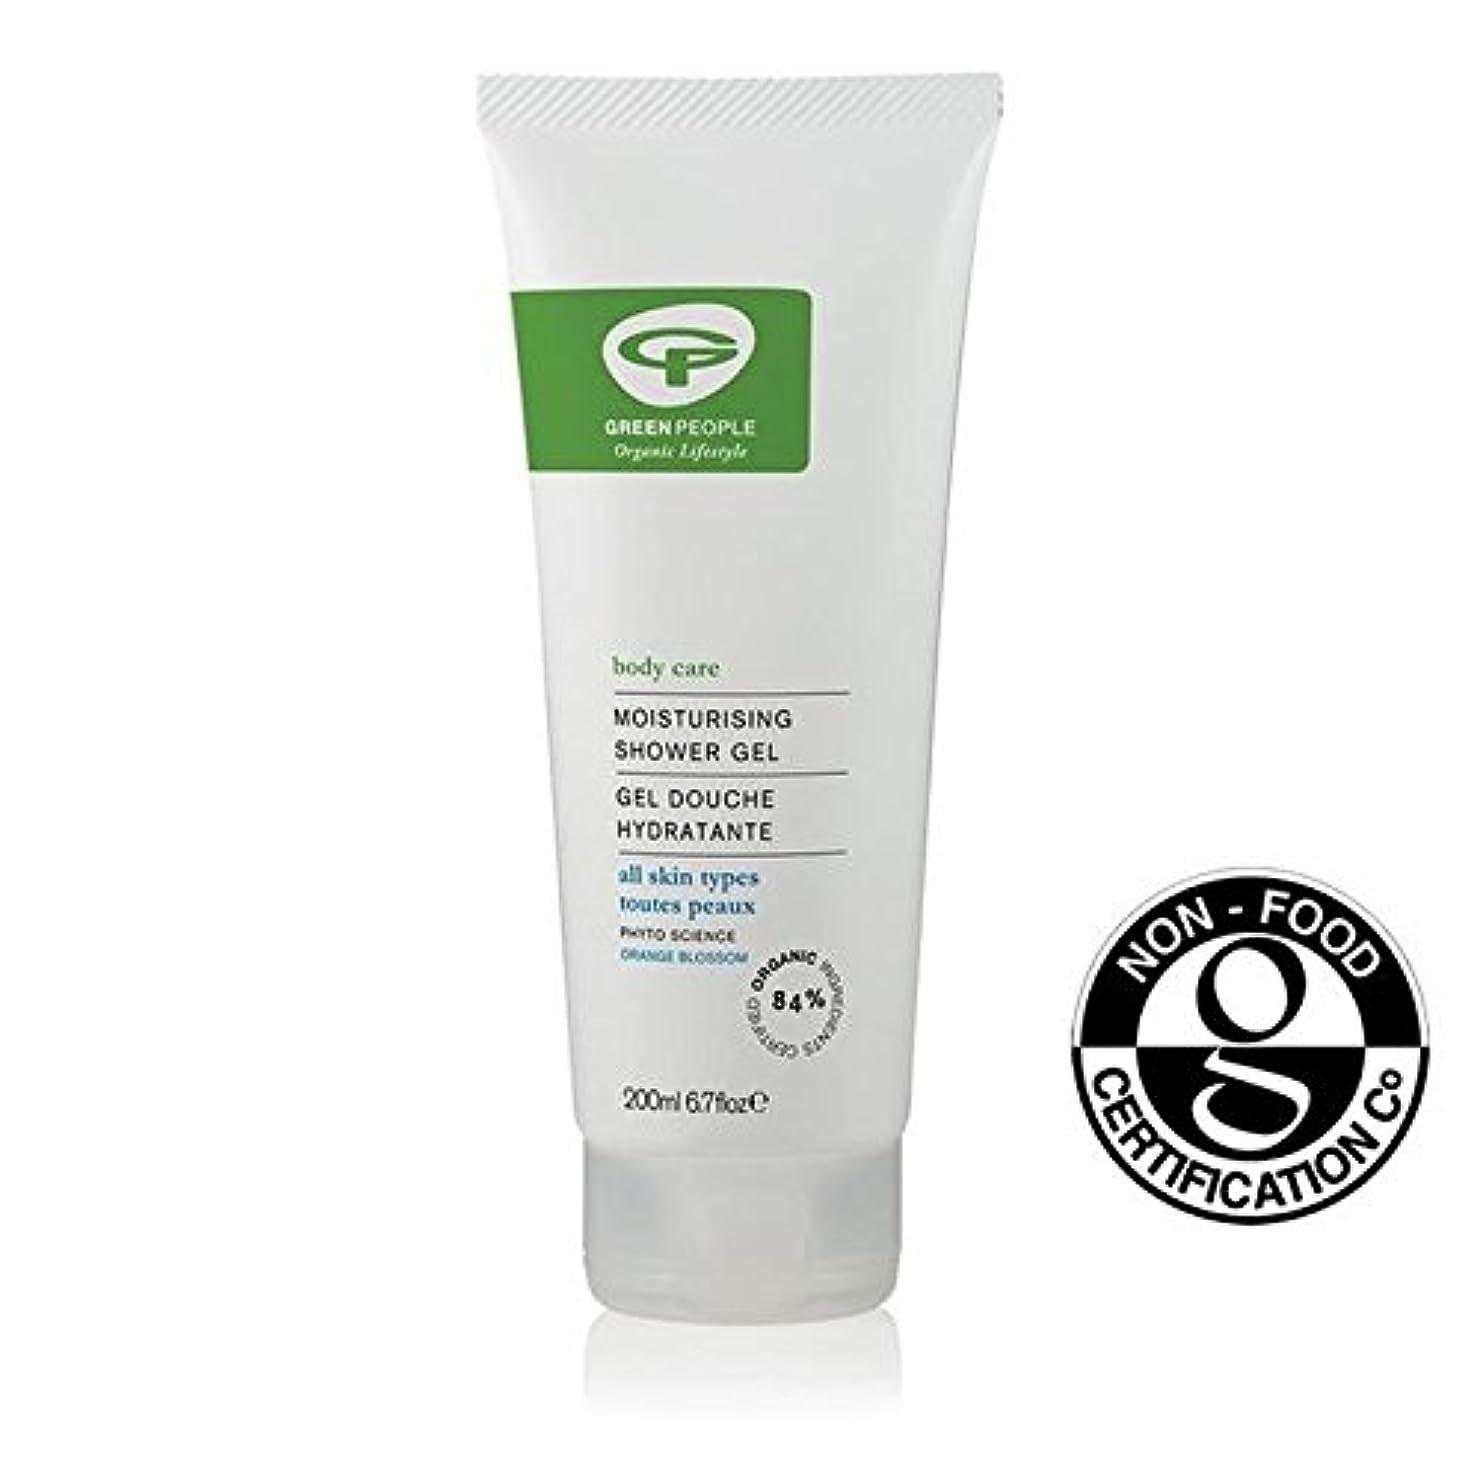 エンドテーブルパック管理緑の人々の有機保湿シャワージェル200 x4 - Green People Organic Moisturising Shower Gel 200ml (Pack of 4) [並行輸入品]